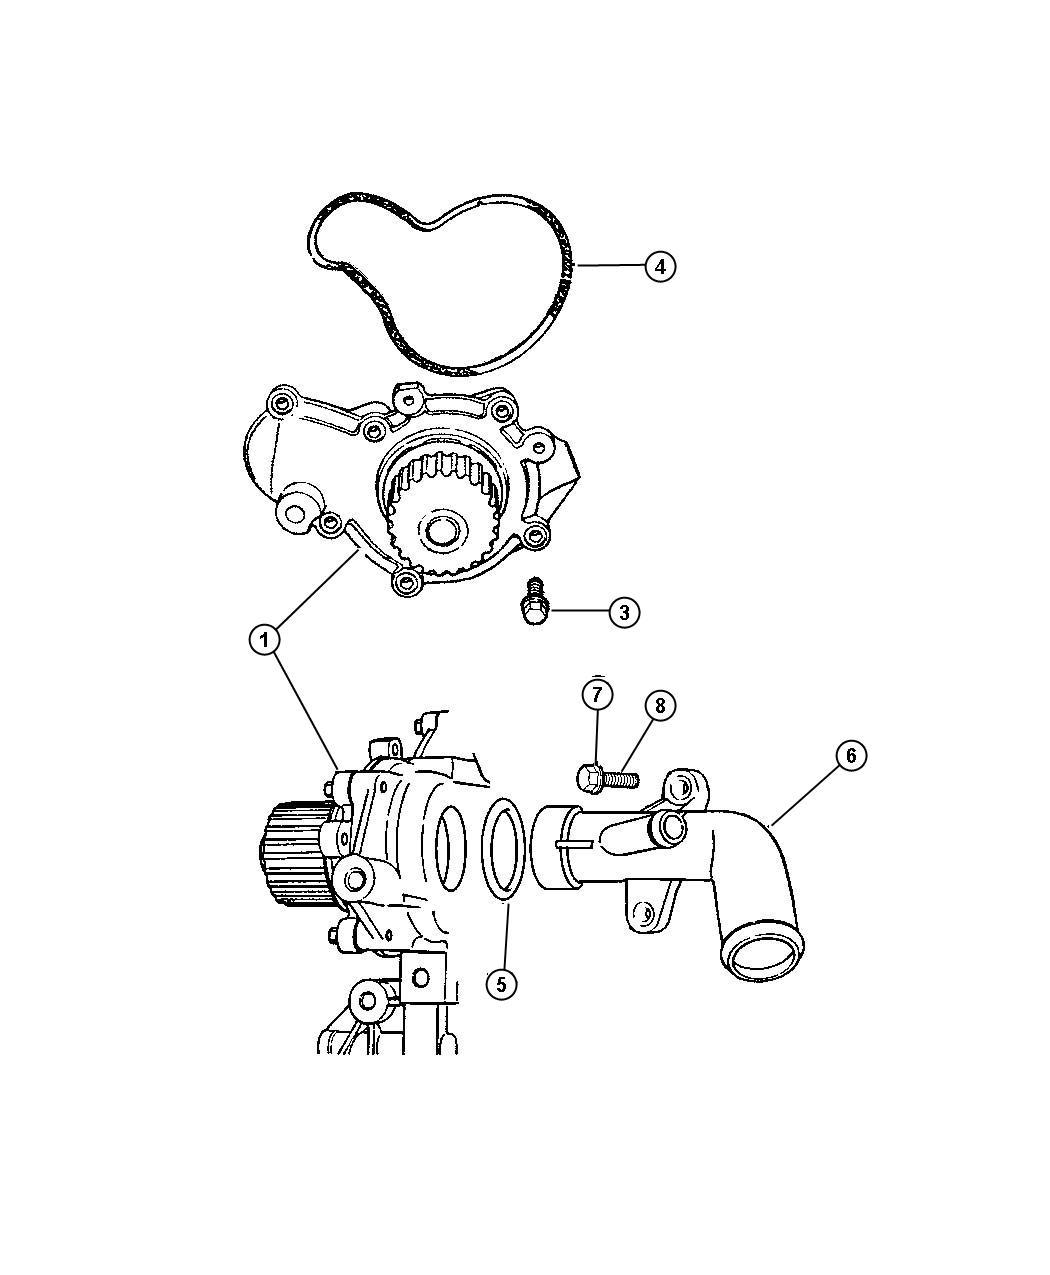 Dodge Pump Water 2 0l I4 Dohc 16v Smpi Engine